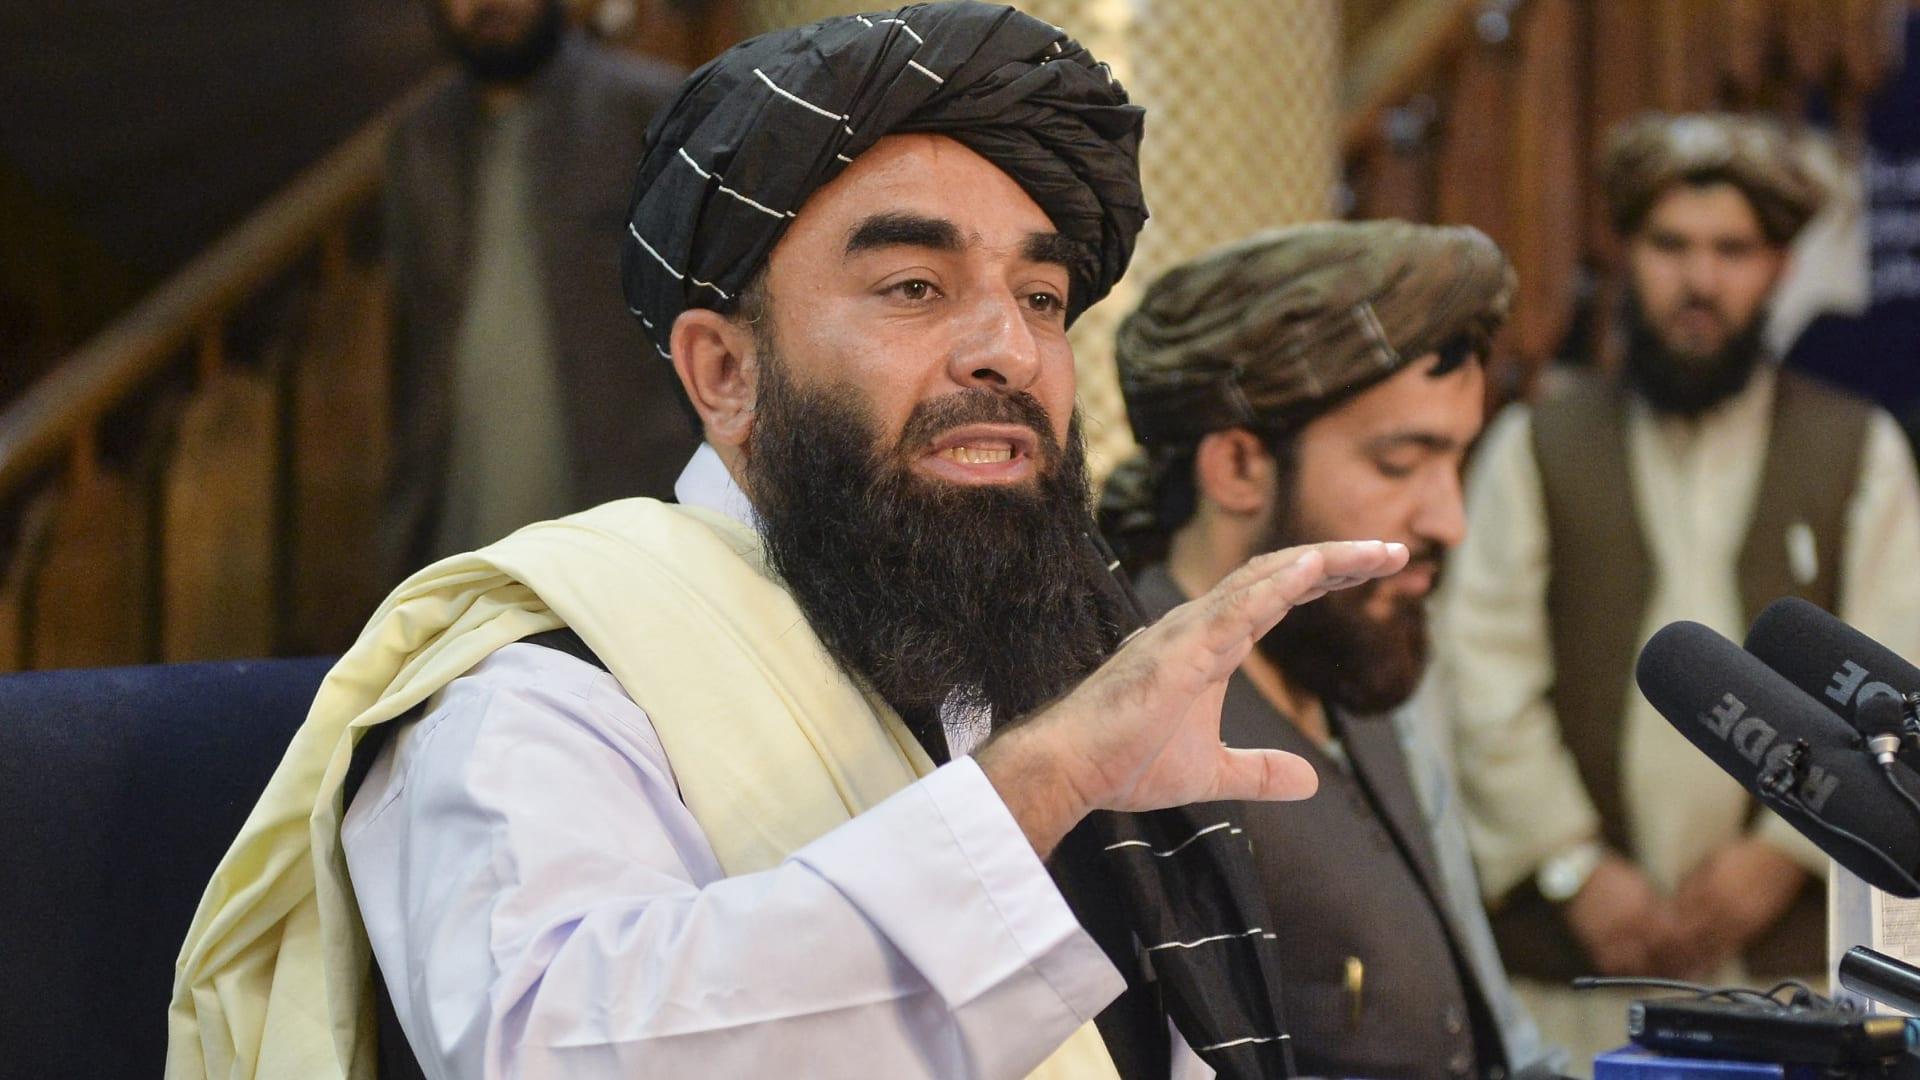 صورة أرشيفية للمتحدث باسم طالبان، ذبيح الله مجاهد